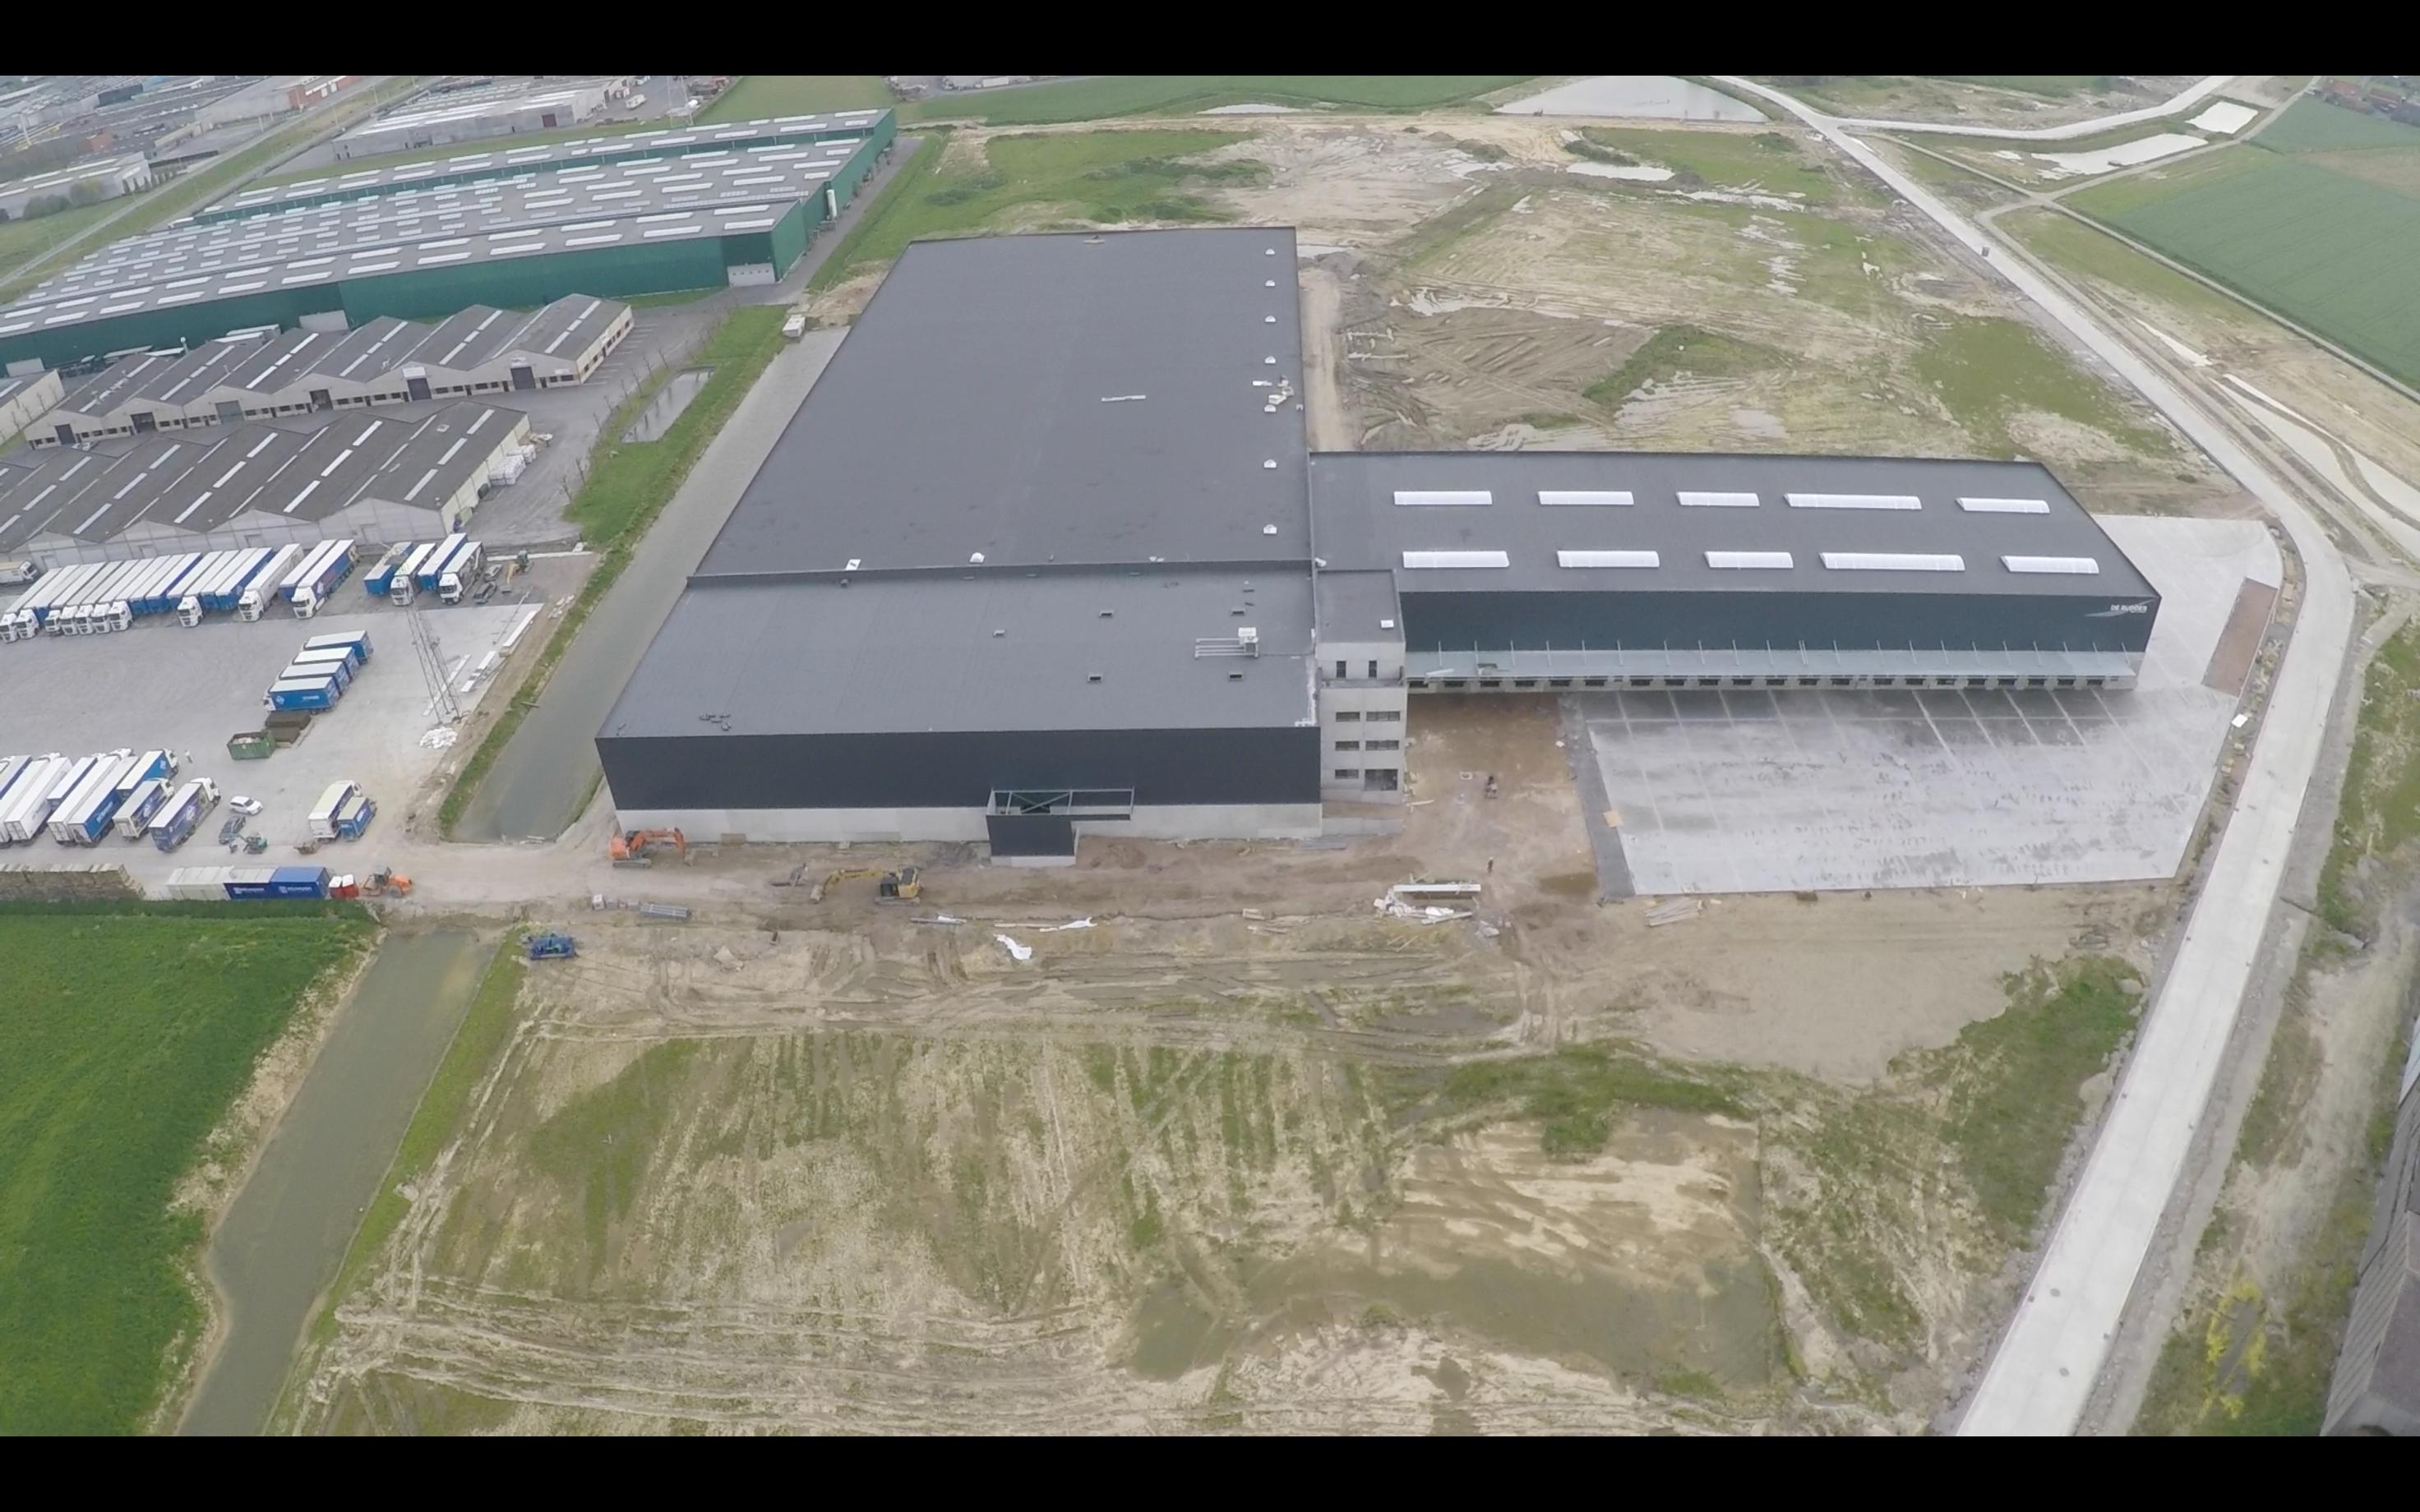 Transport De Rudder_Kuurne_distributiecentrum_bedrijfsgebouw_industriegebouw (1).png